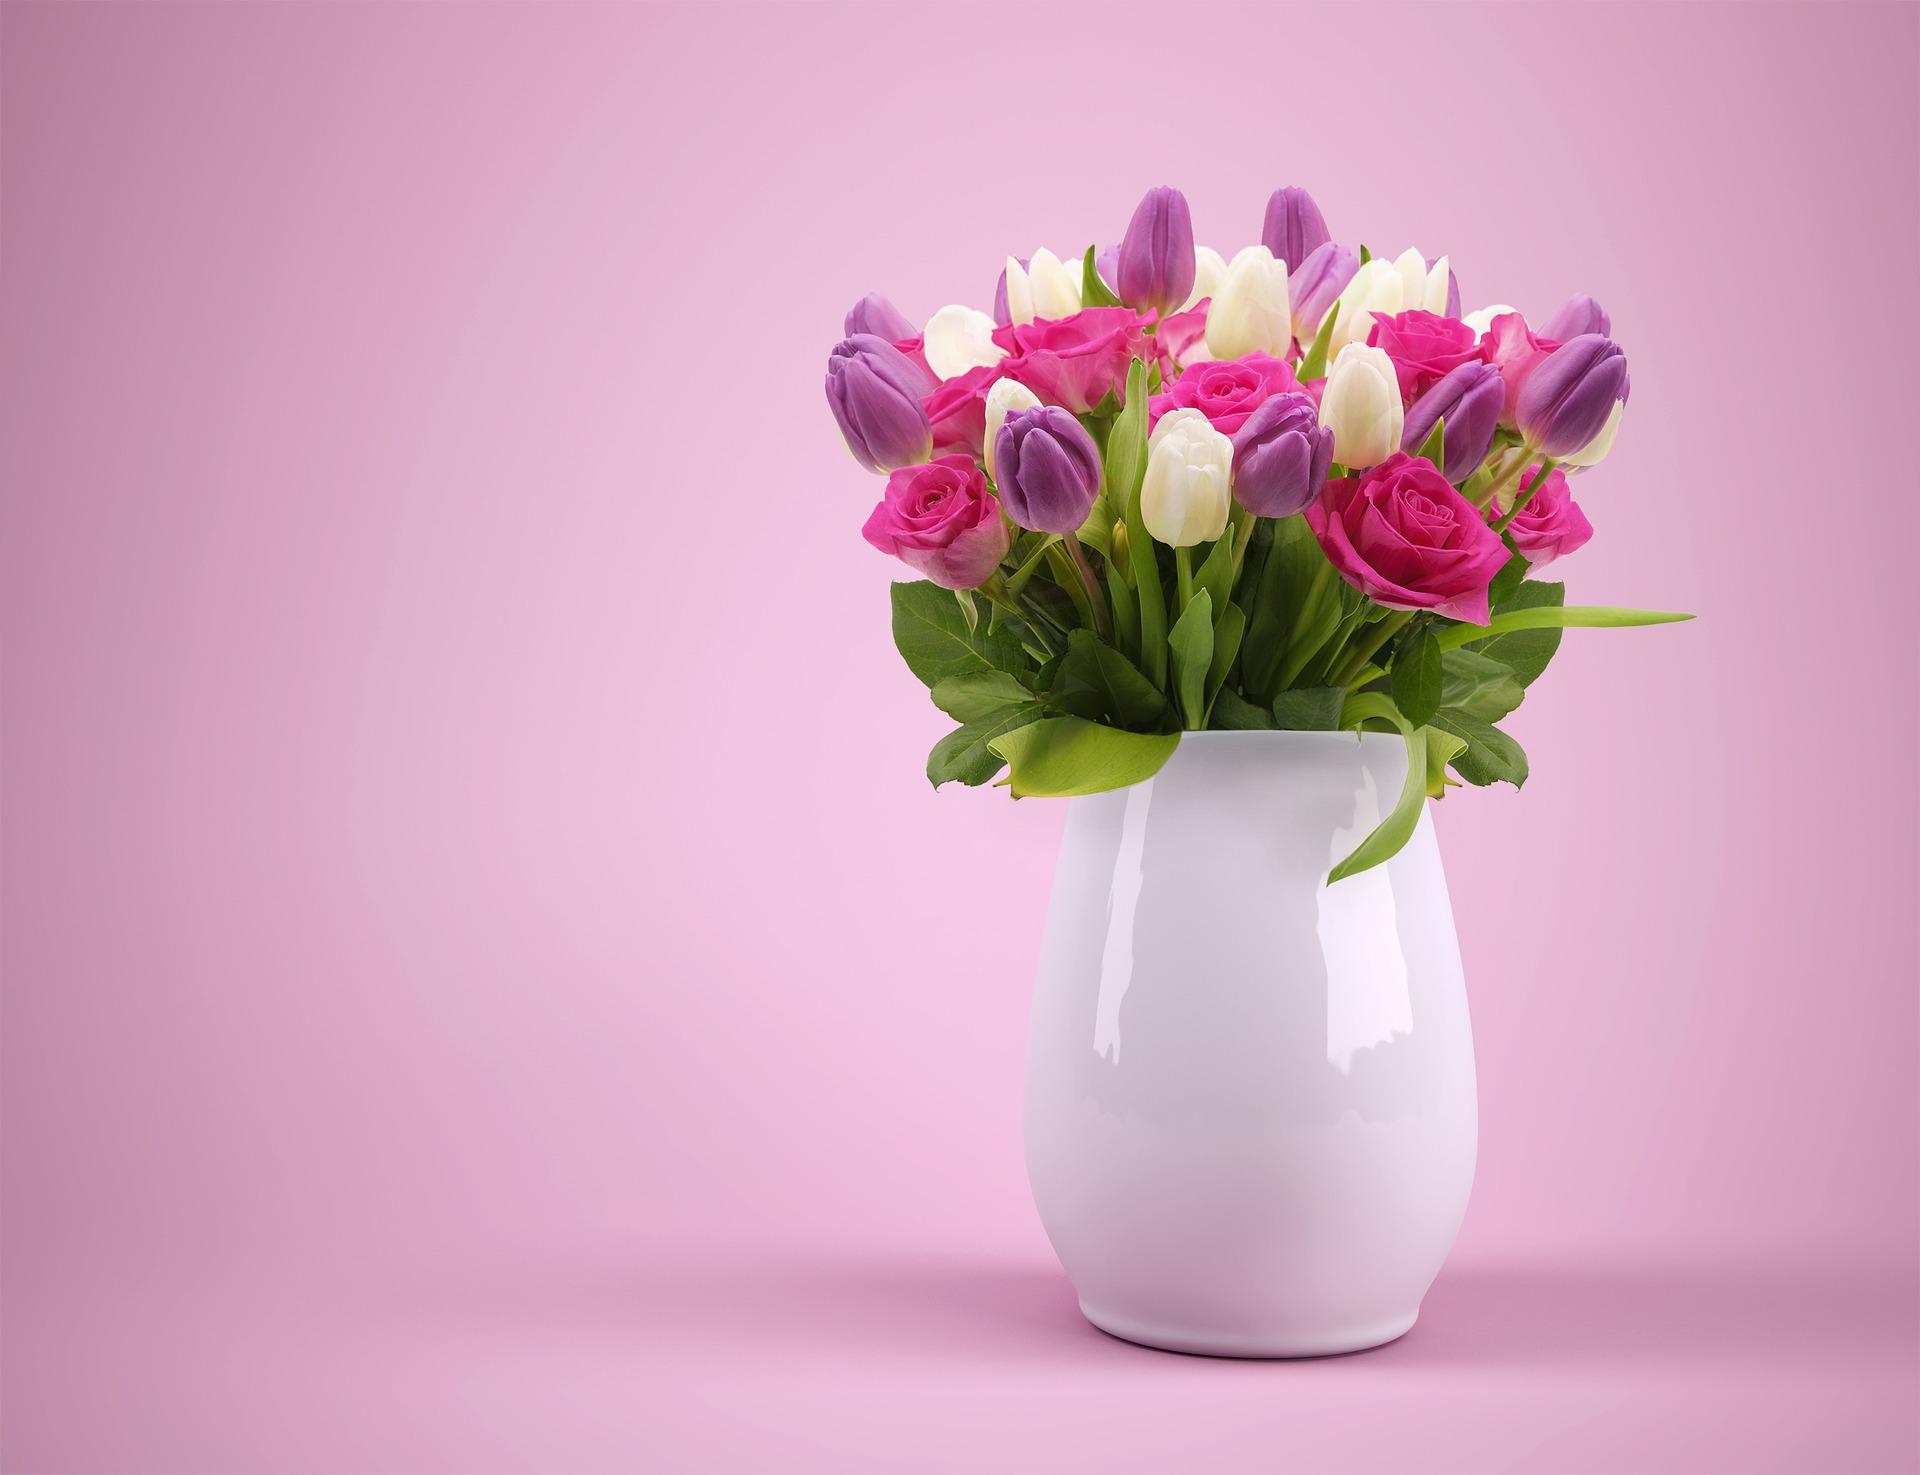 Piantare I Bulbi Di Tulipani piantare tulipani: consigli di bioges sulla cura e messa a